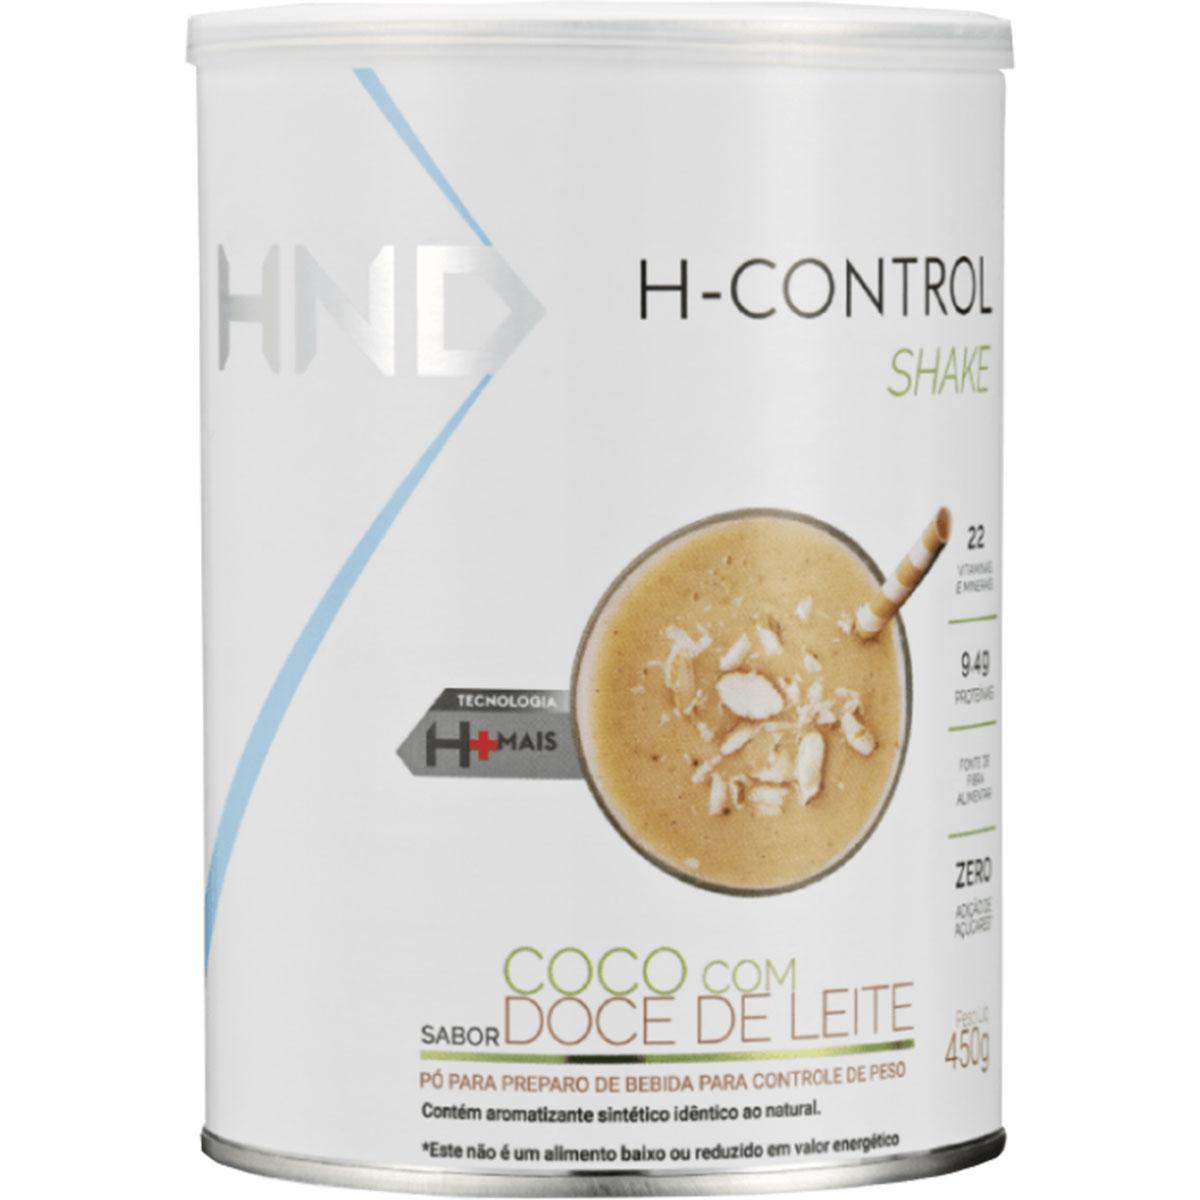 H-Control Shake 450g - Hinode